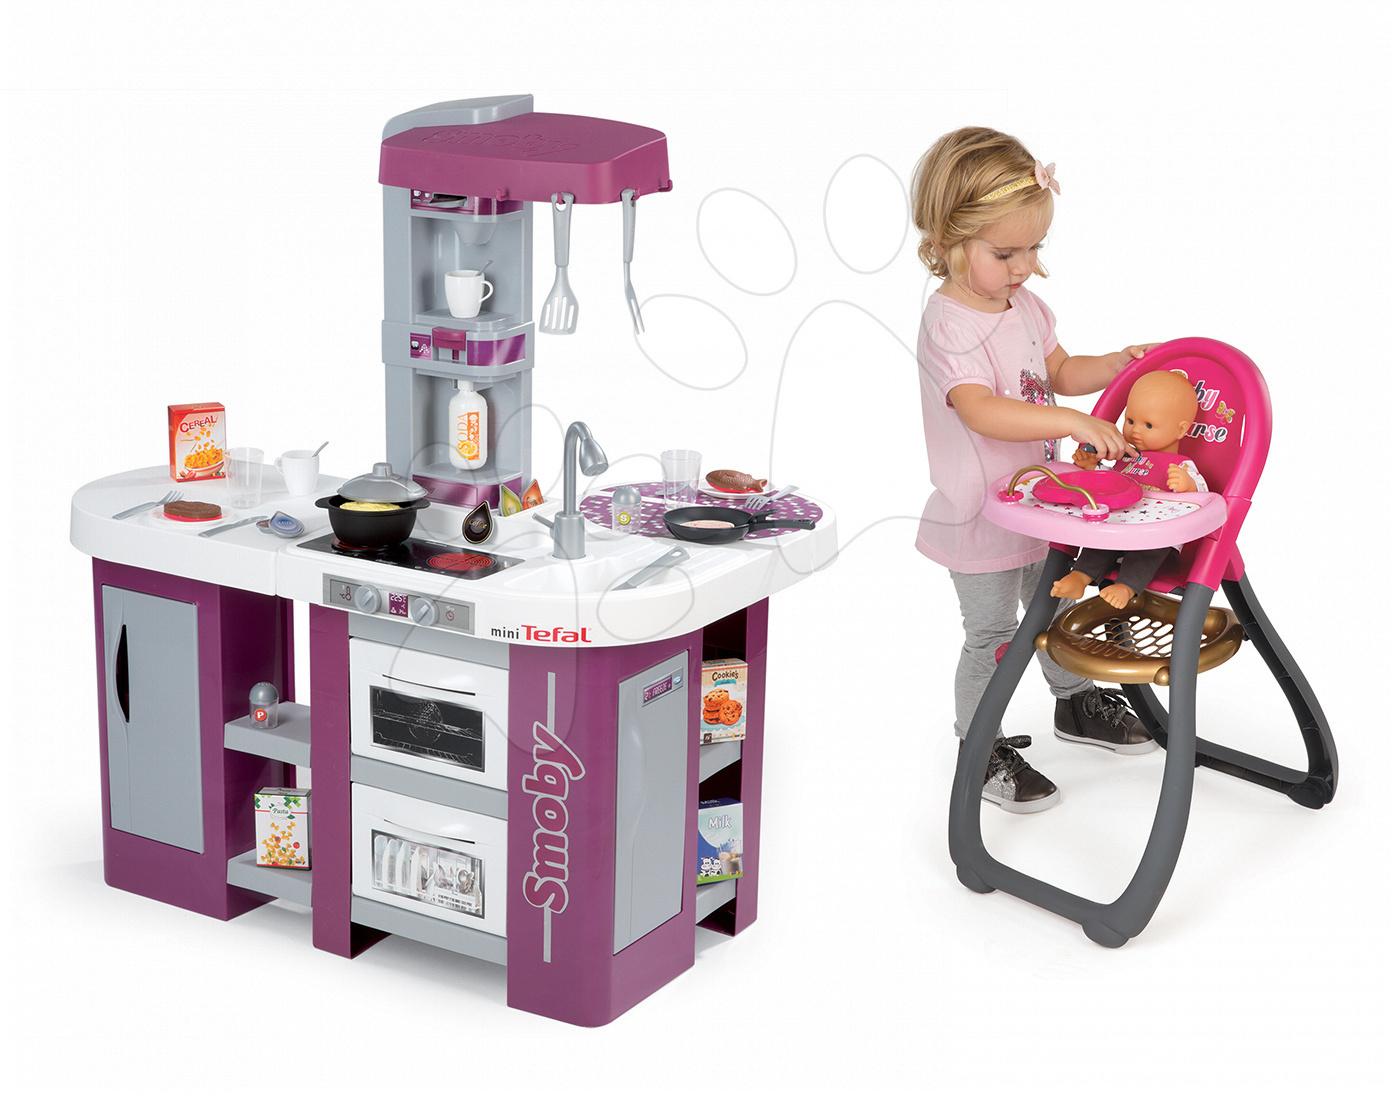 Set dětská kuchyňka Tefal Studio XL Smoby s myčkou nádobí a lednicí a jídelní židle pro panenku Baby Nurse